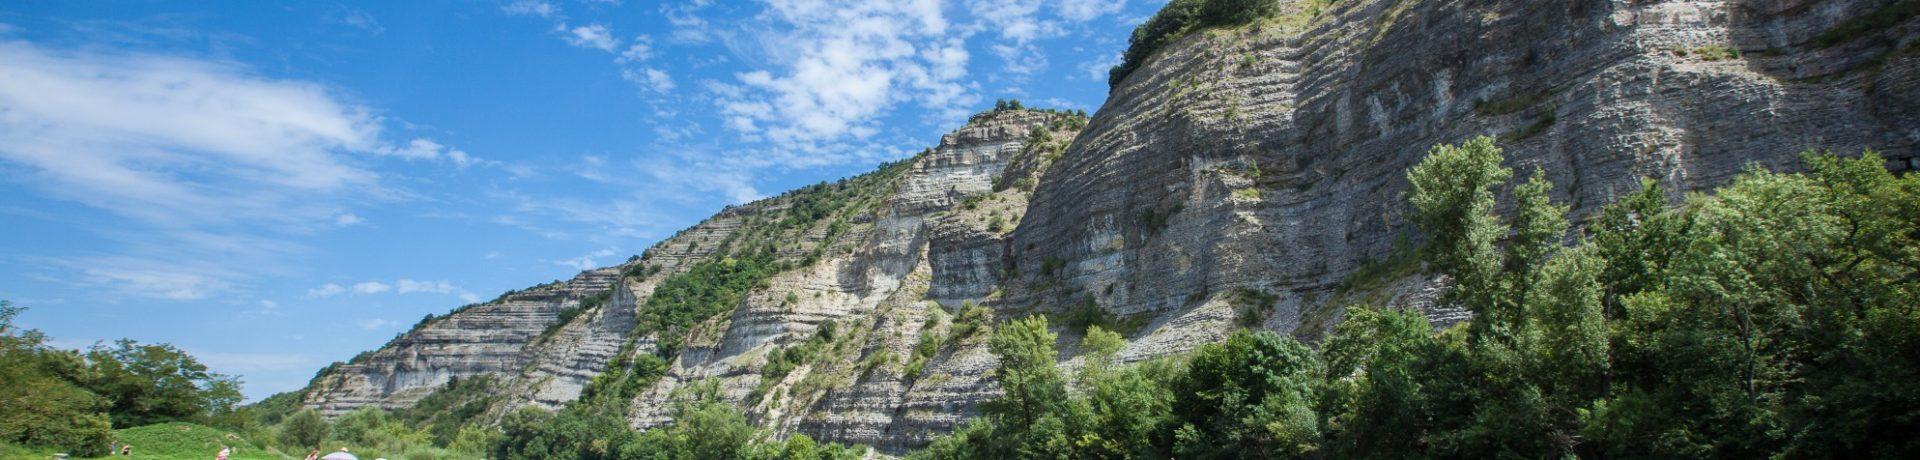 Kwaliteitscamping in het middeleeuwse dorpje Ruoms in de buurt van de gorges de l'Ardèche. Ideaal voor gezinnen en allerlei buitenactiviteiten.